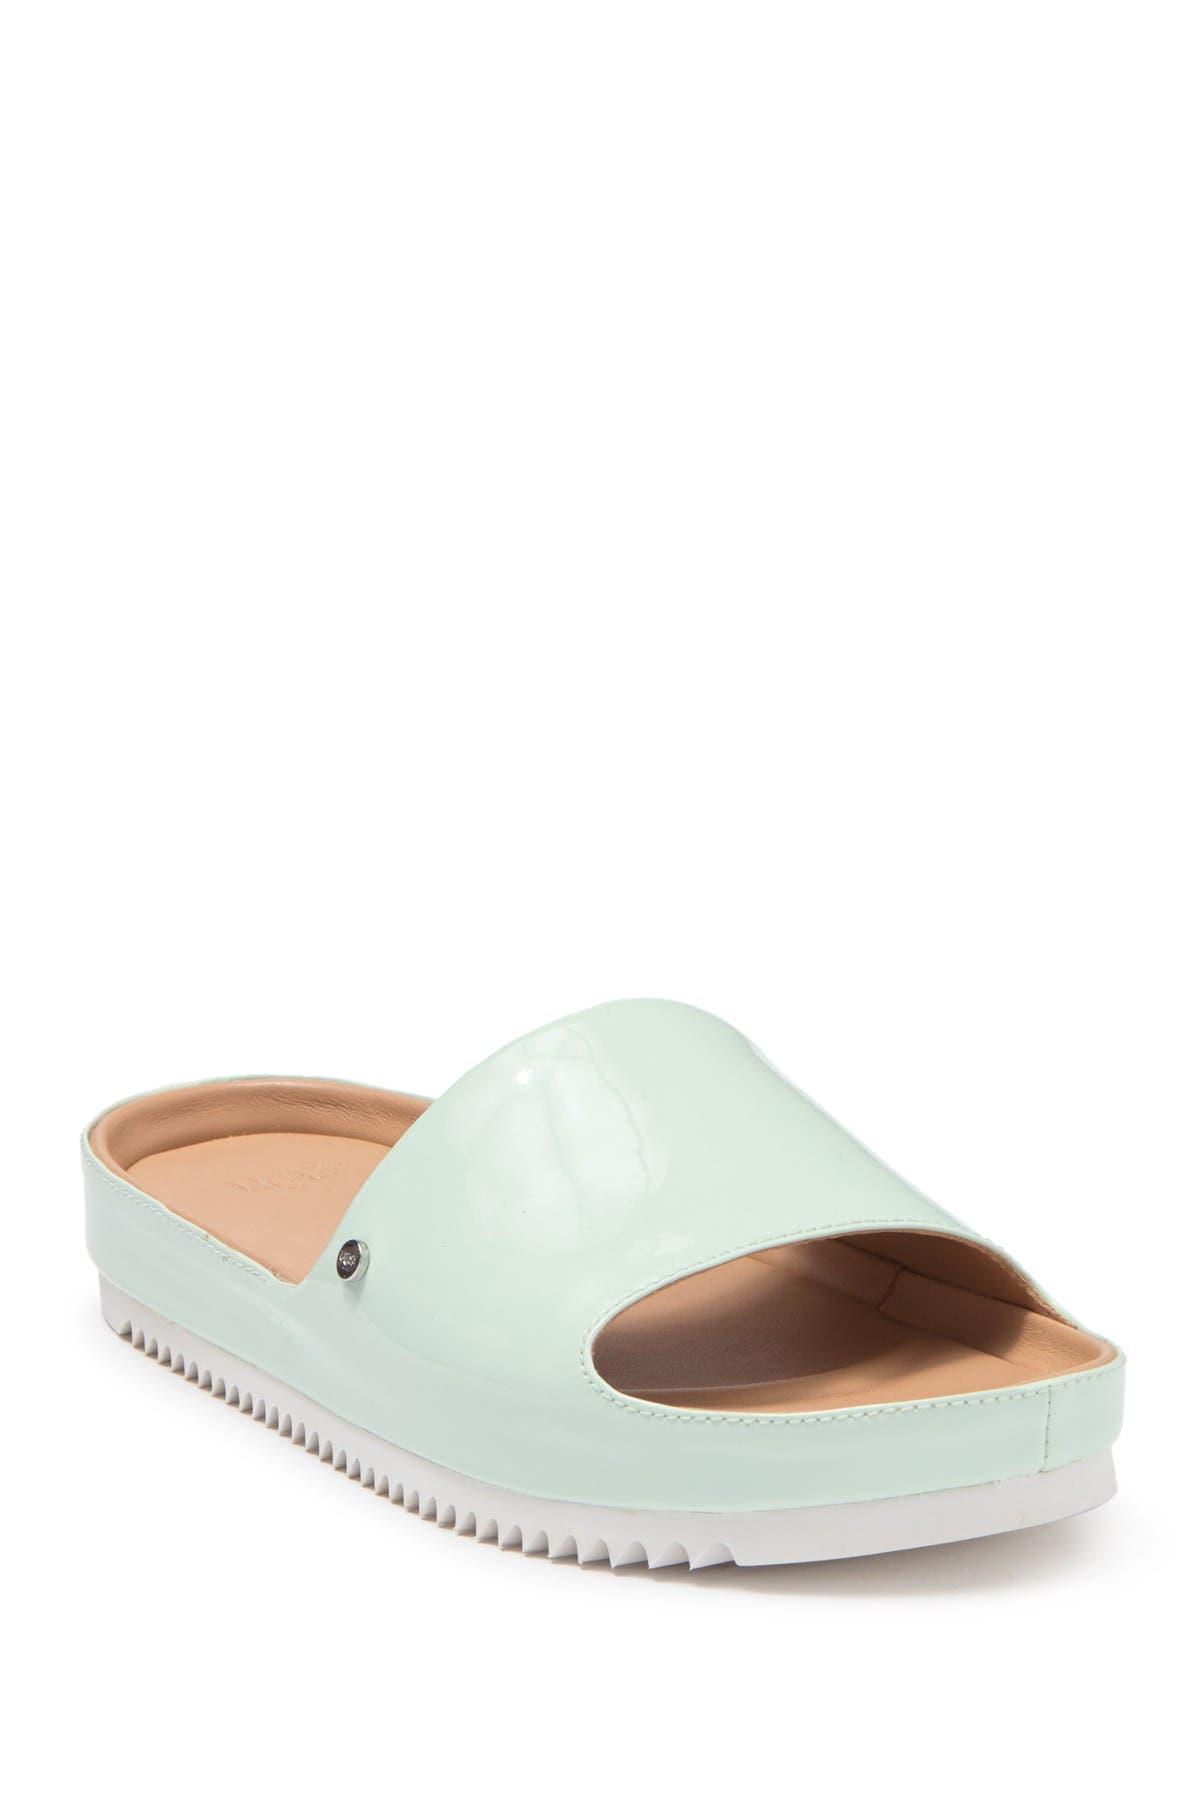 UGG | Jane Platform Slide Sandal